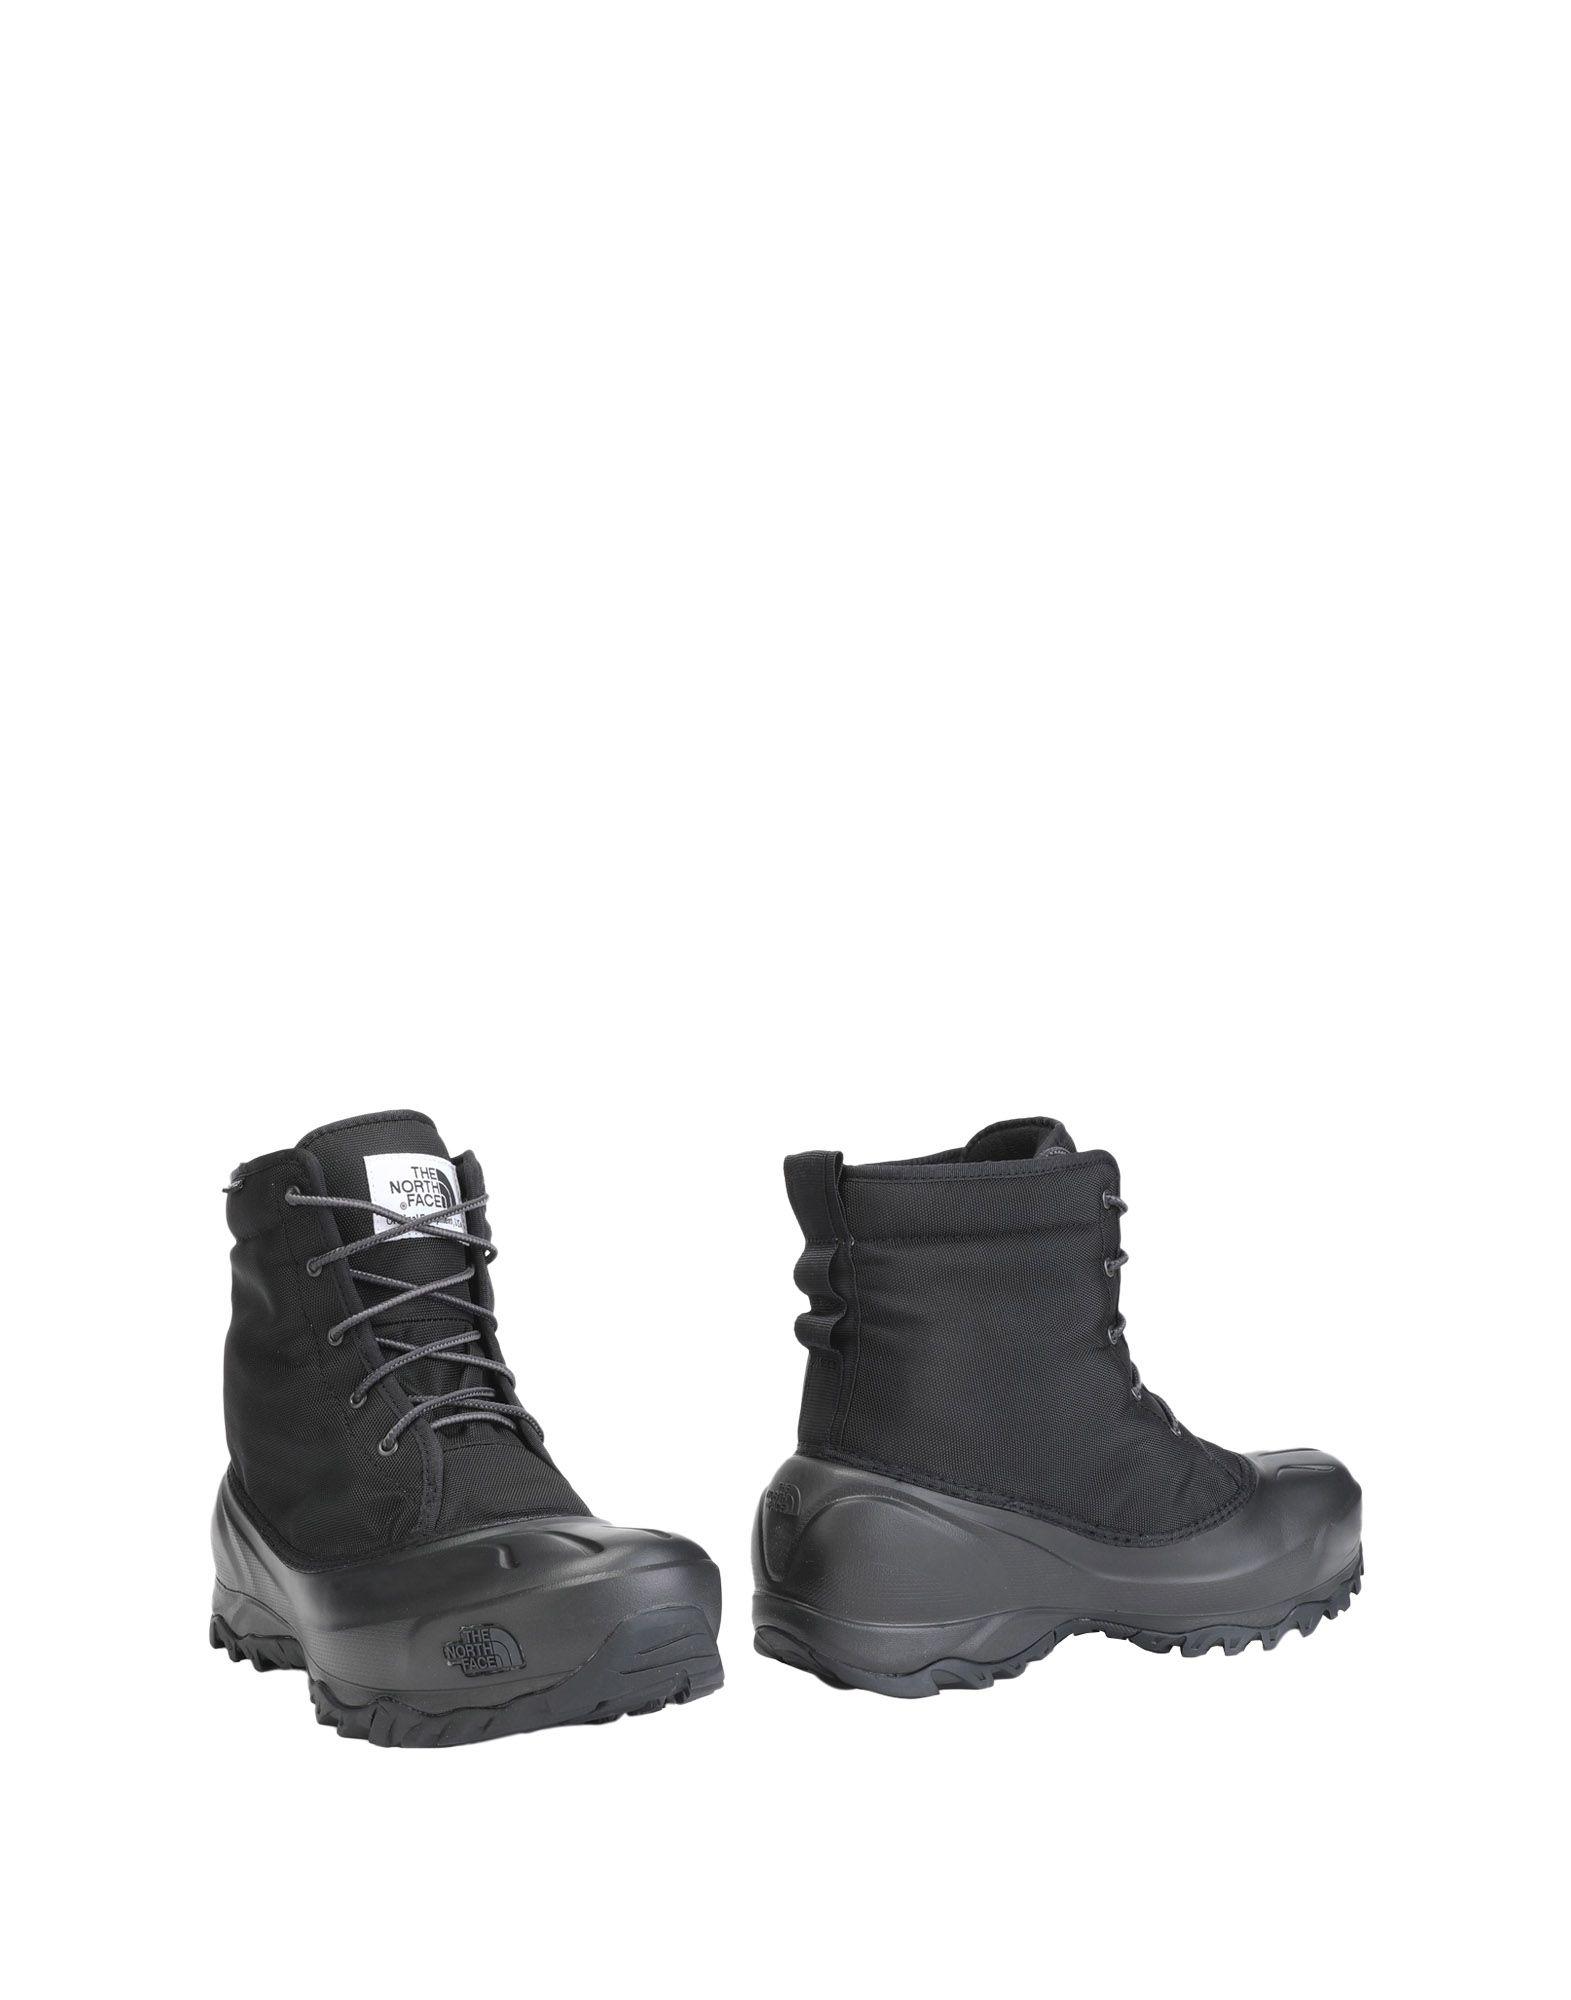 Stivaletti The North Face M Tsumoru Insulated Boot - Uomo - Acquista online su